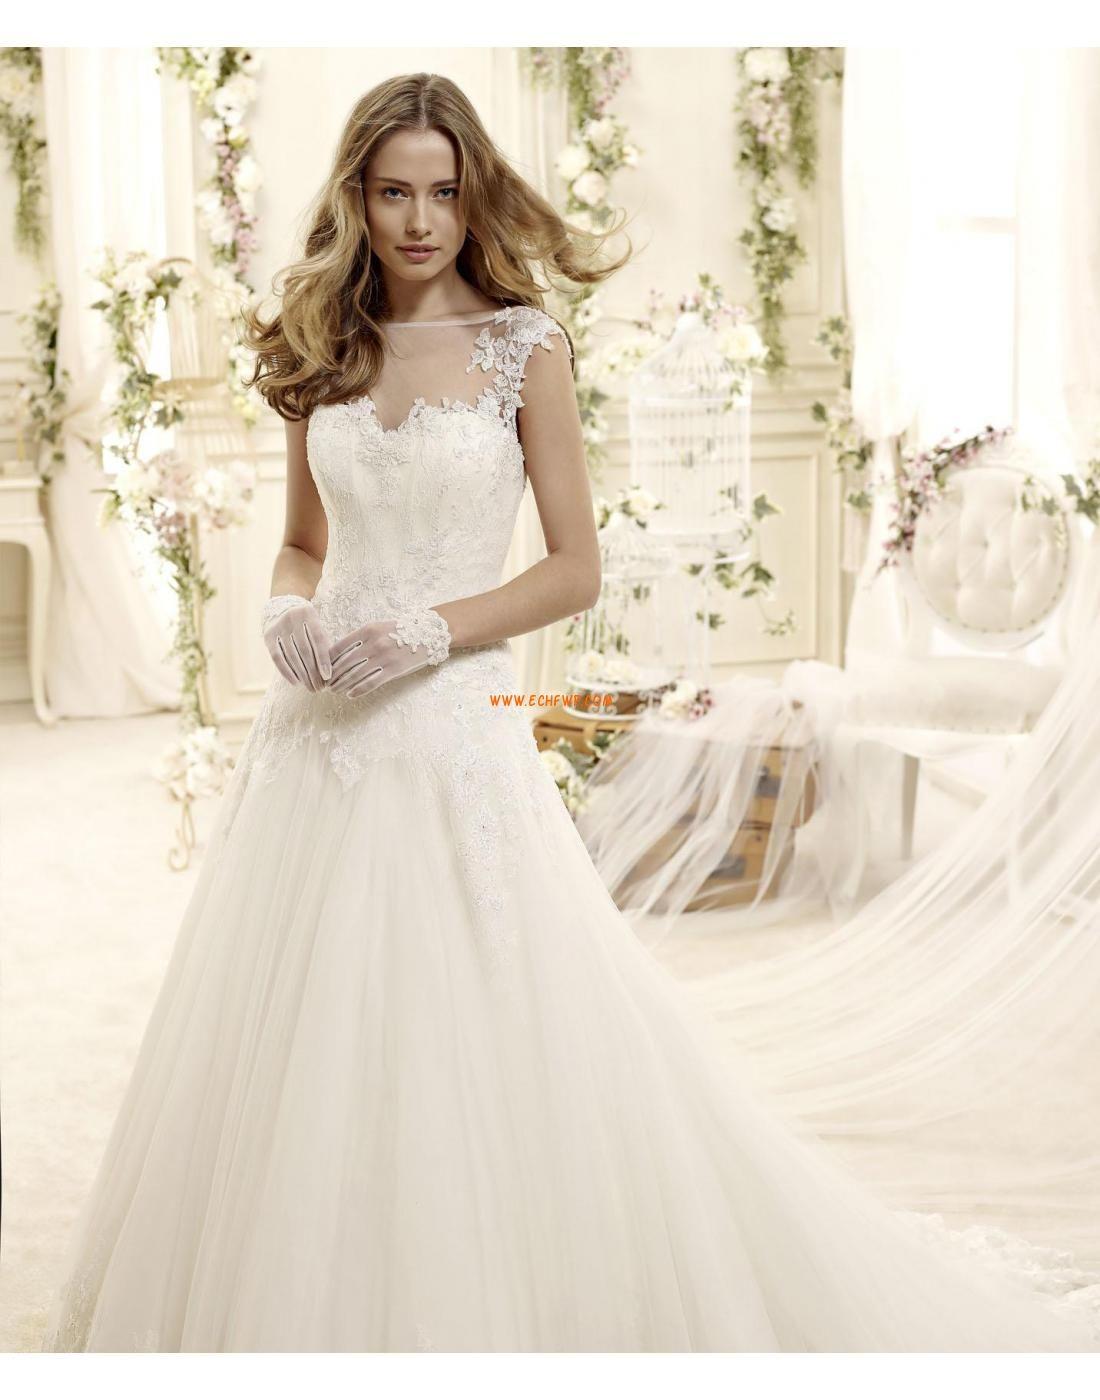 Coda a Strascico Cappella Pizzo Senza Maniche Abiti da sposa matrimonio civile